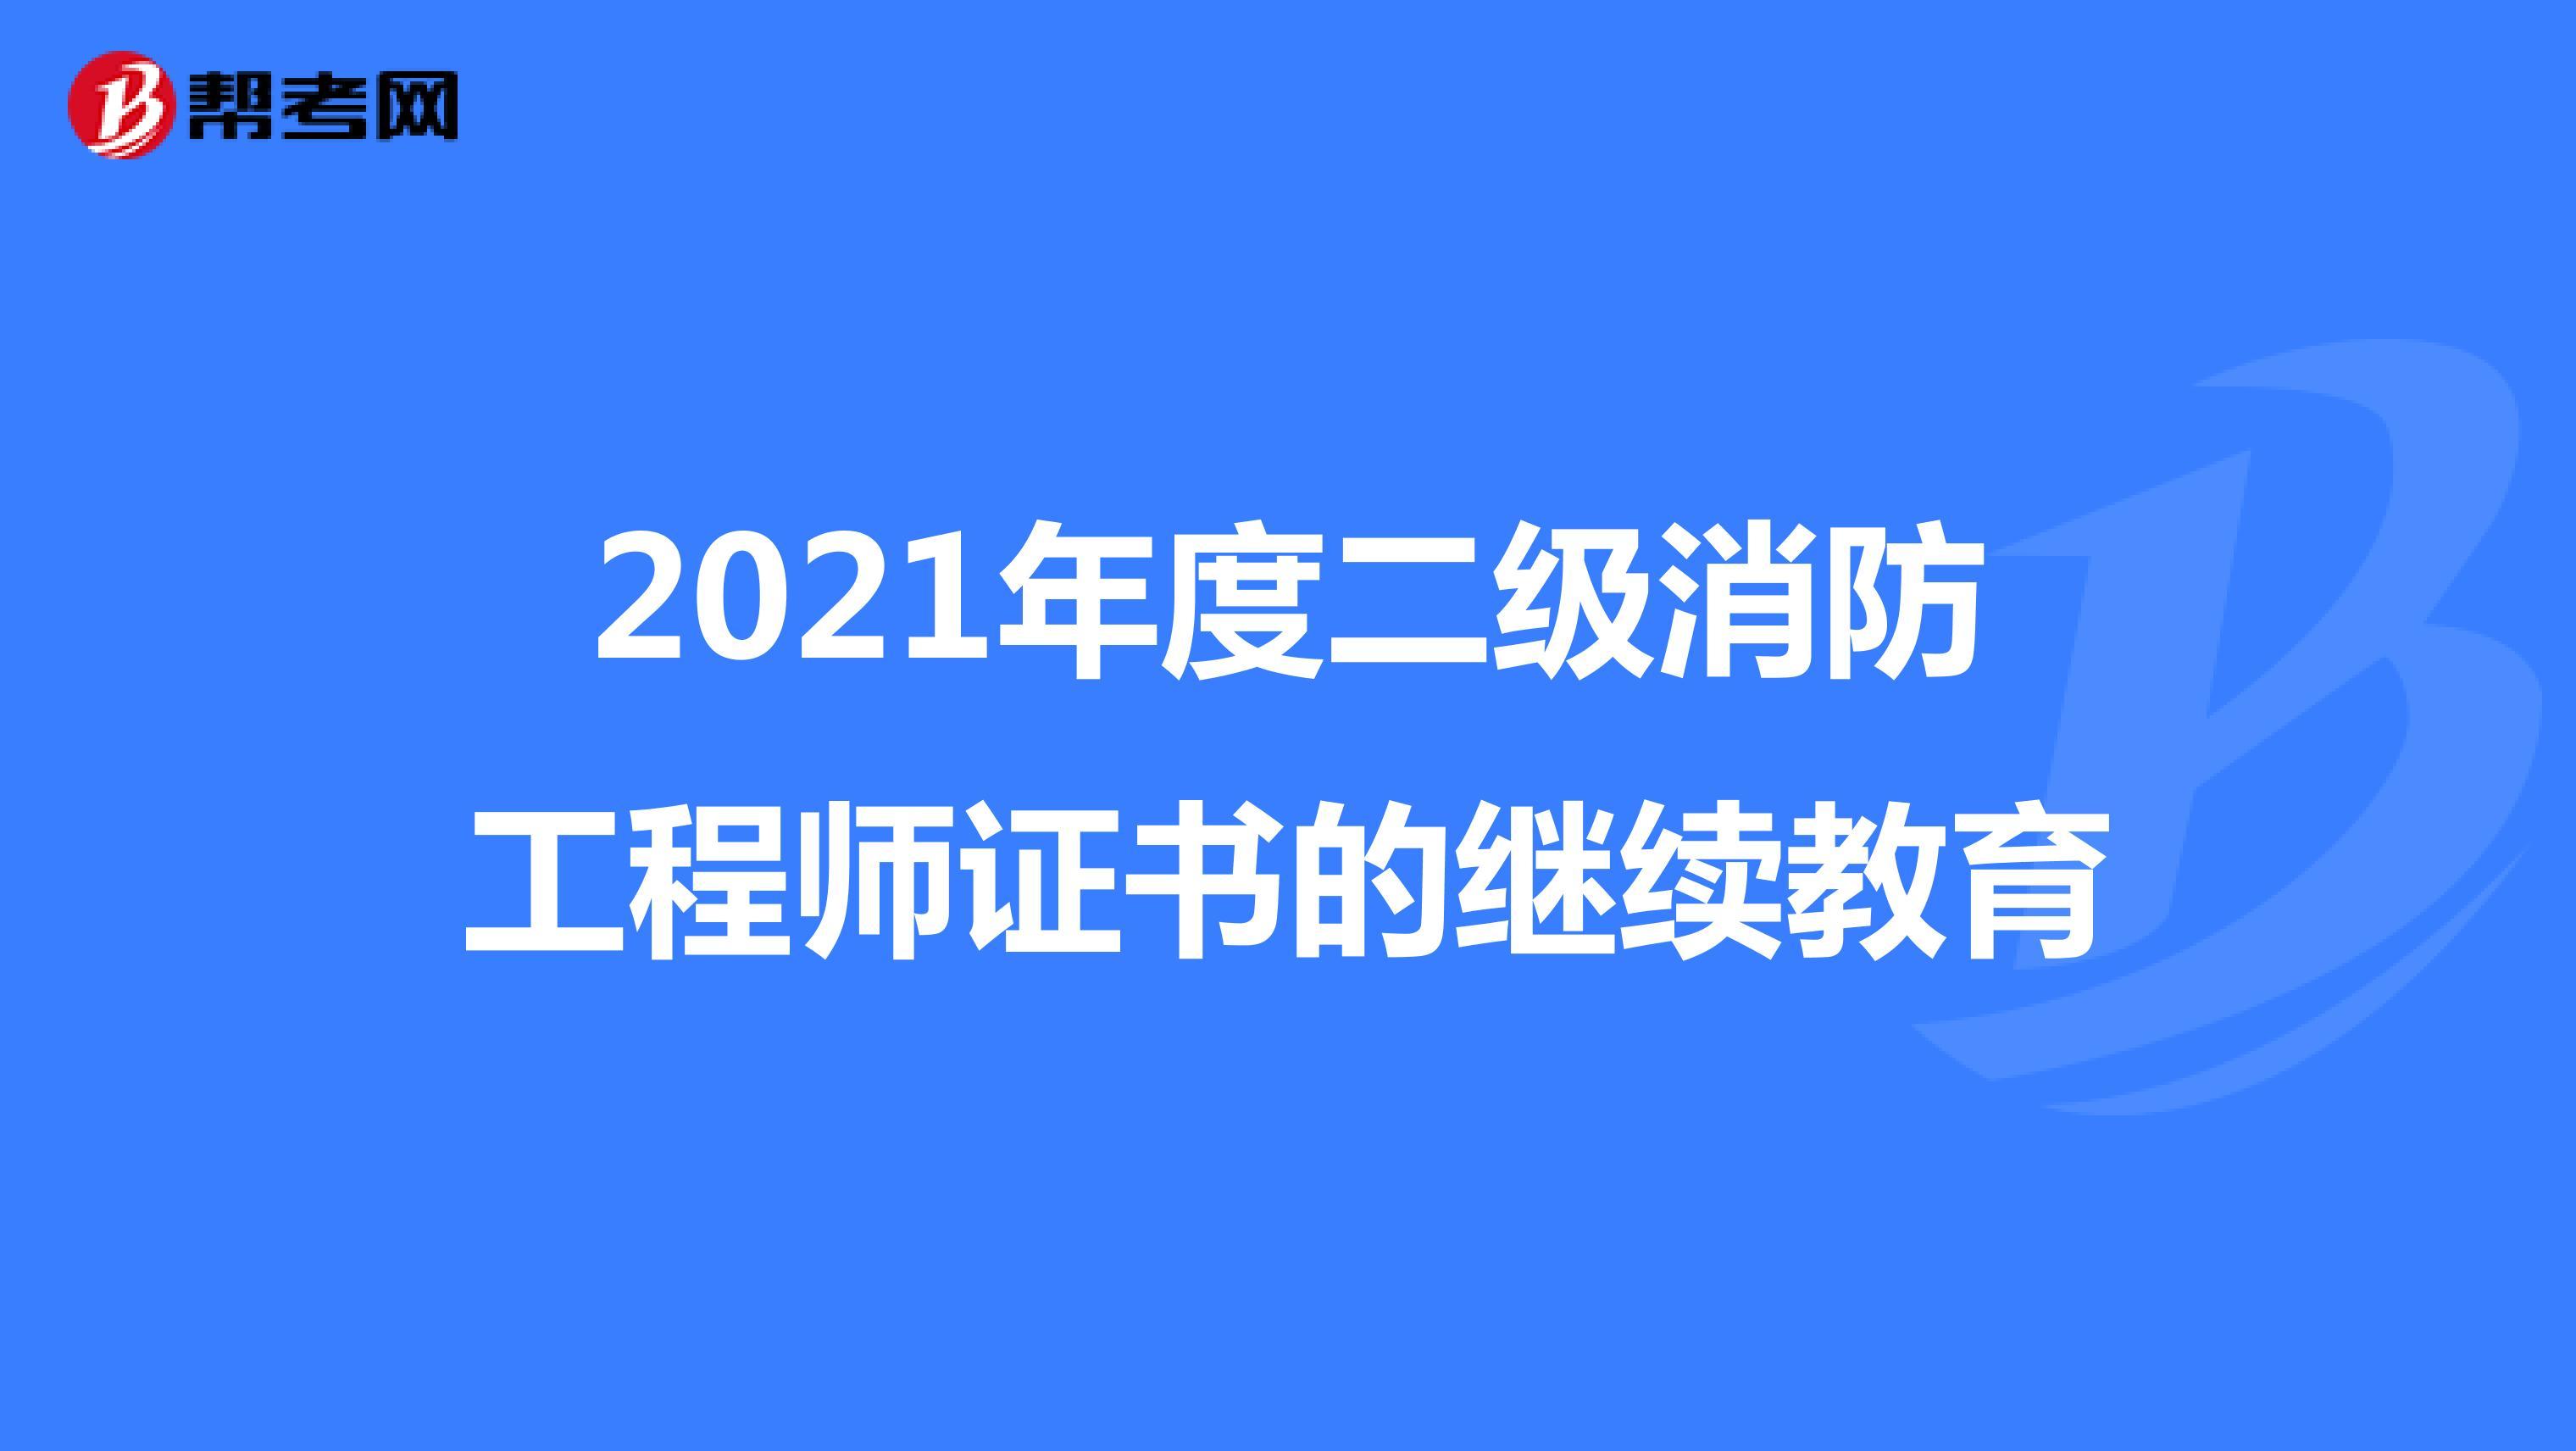 2021年度二级消防工程师证书的继续教育